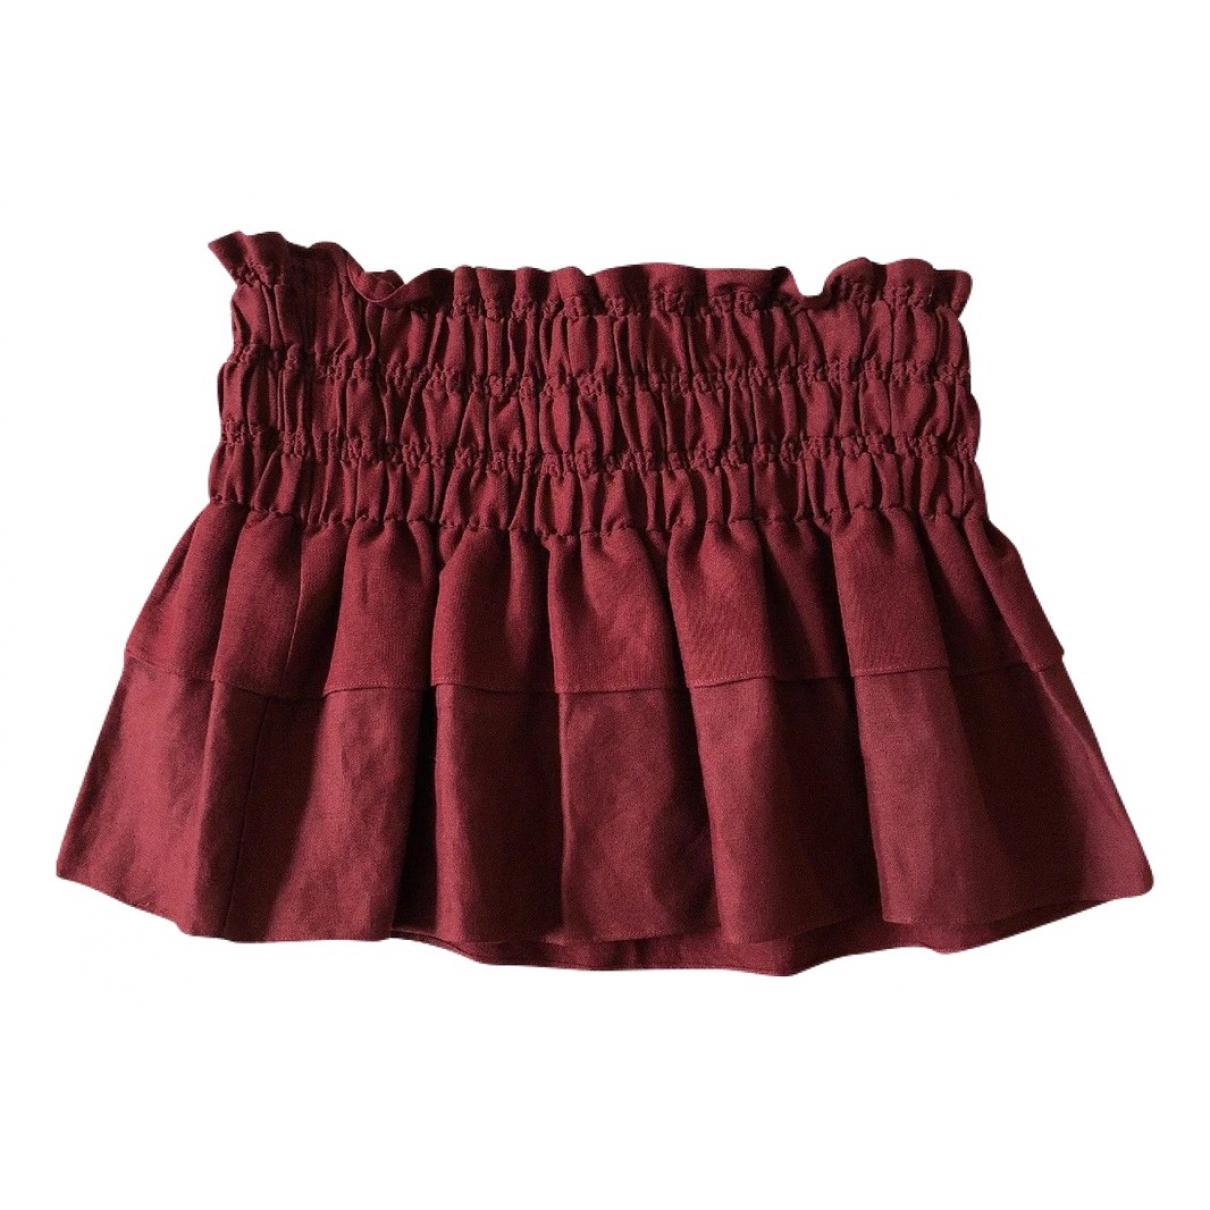 Isabel Marant Etoile N Burgundy Cotton skirt for Women 8 UK